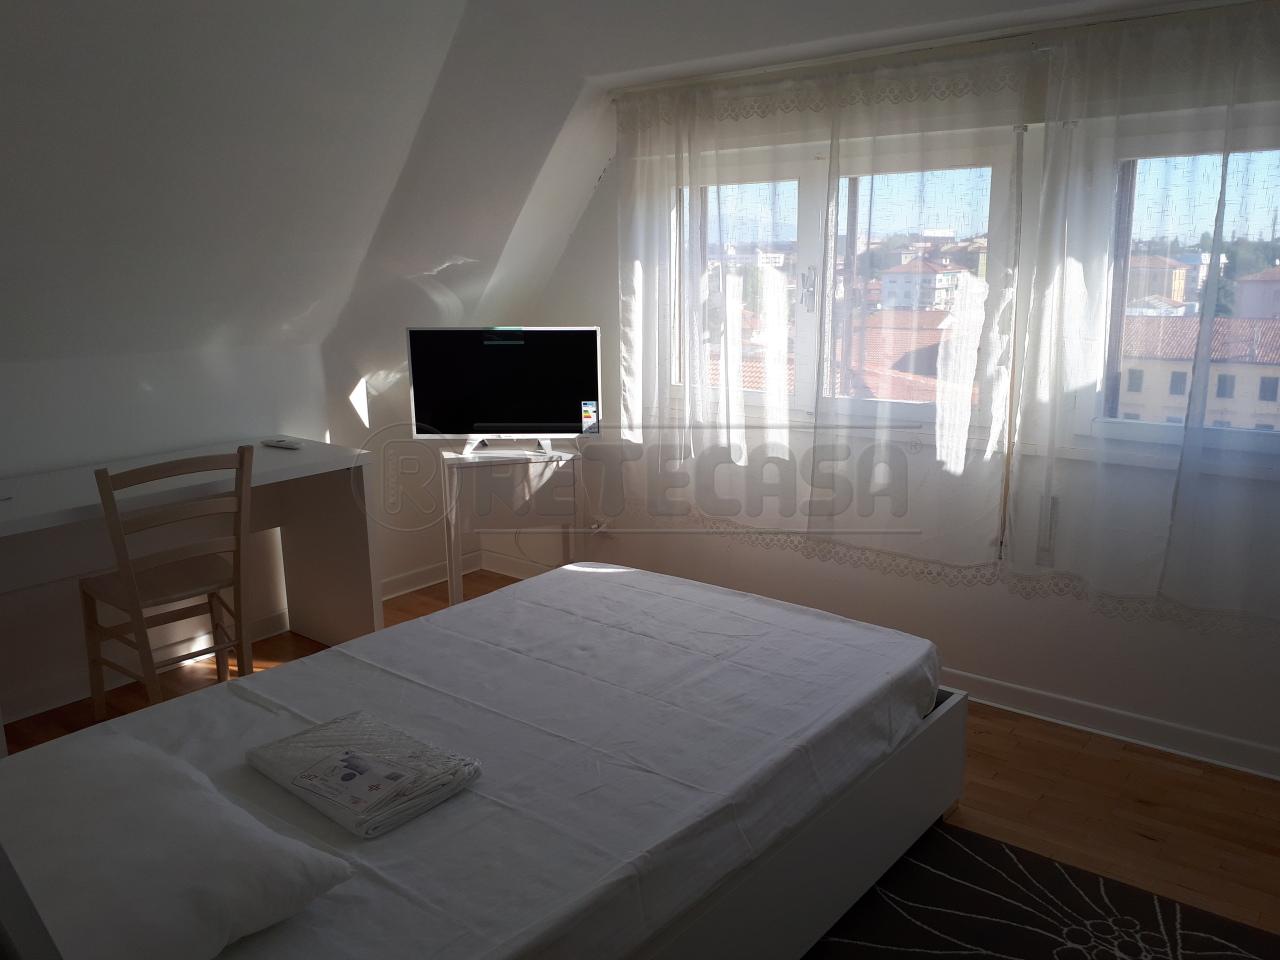 Posto letto - Cinque posti letto a Vicenza